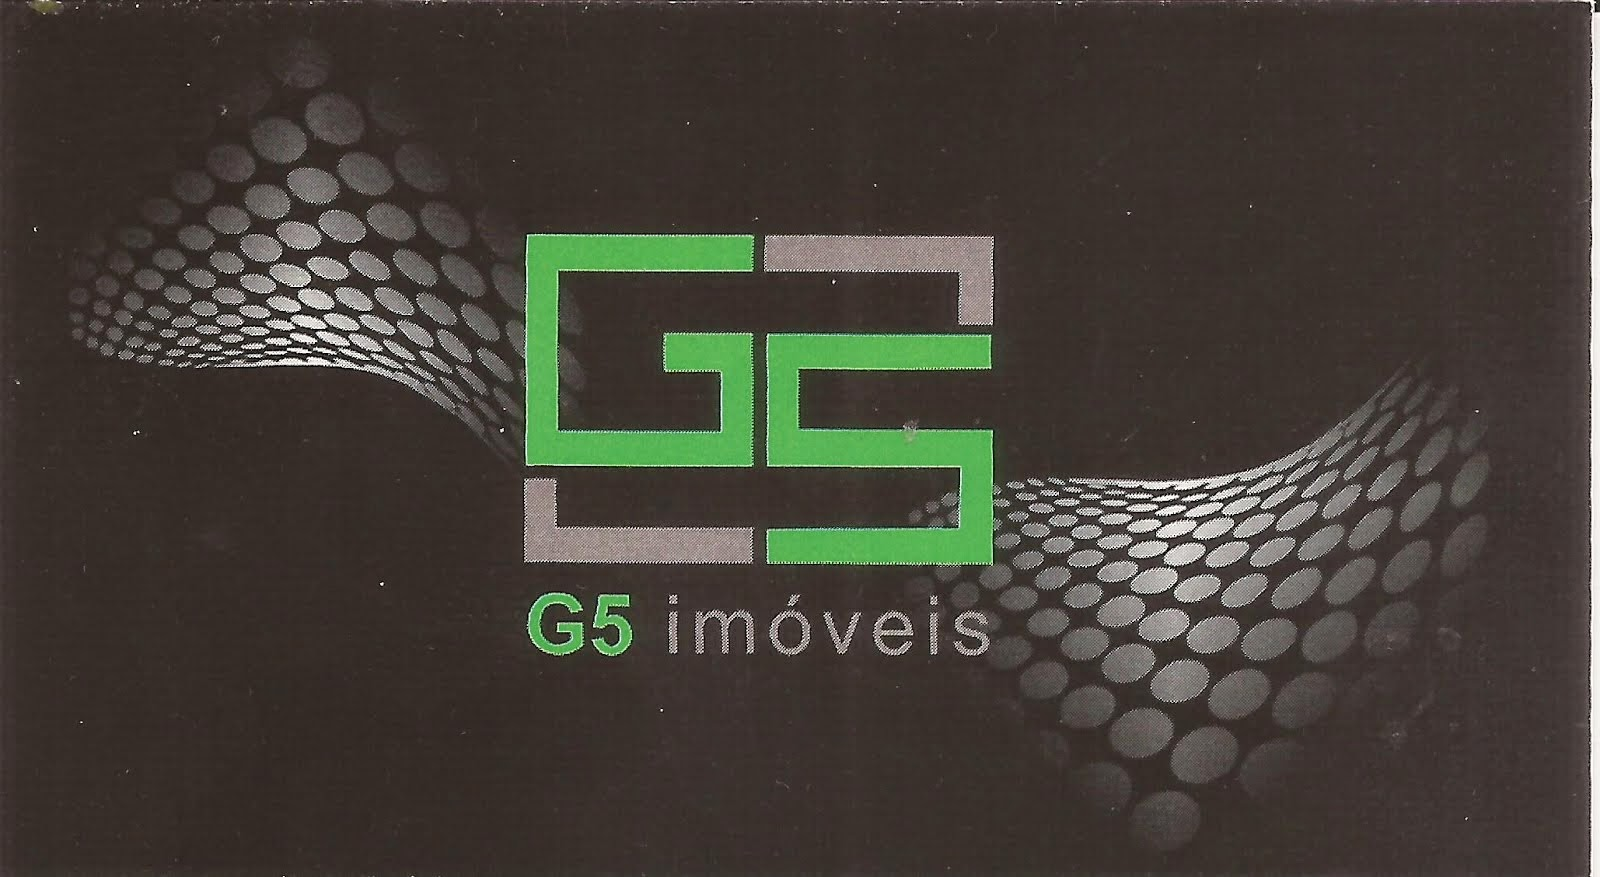 G5 IMOVEIS